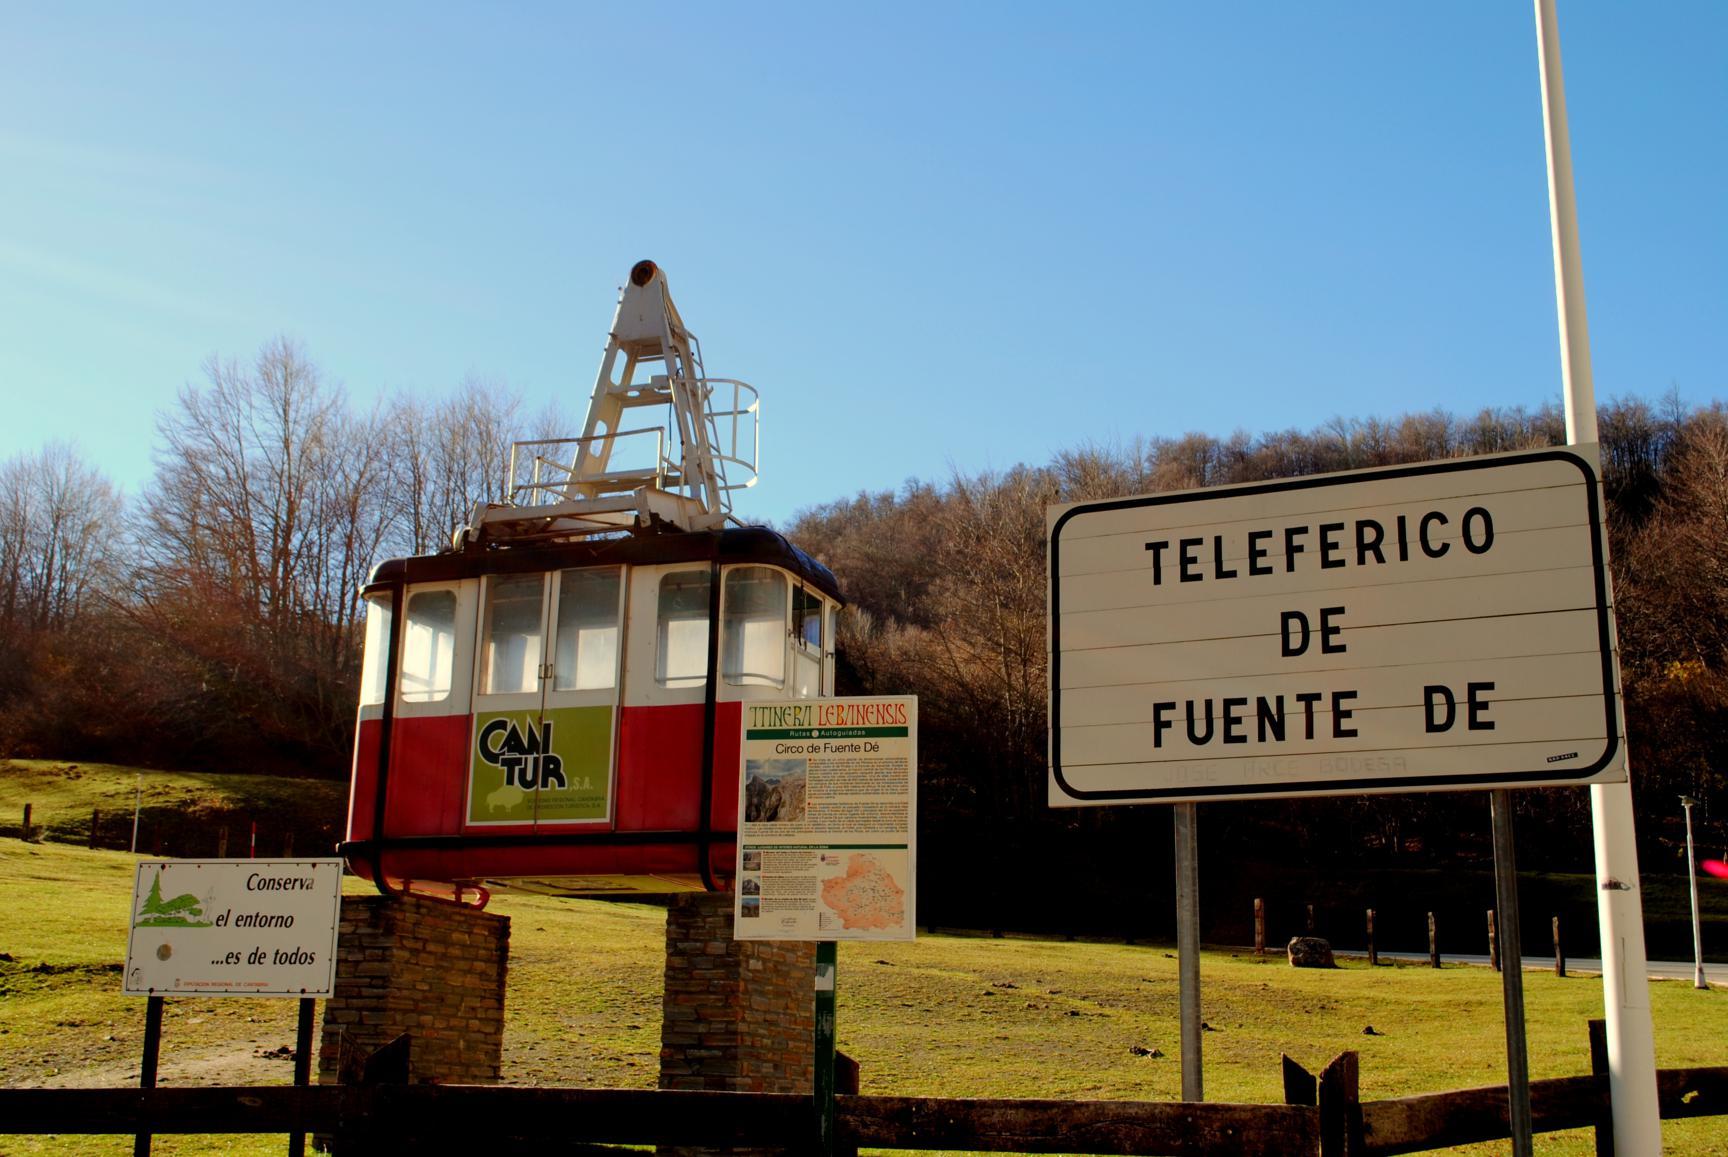 estacion-teleferico-fuente-de